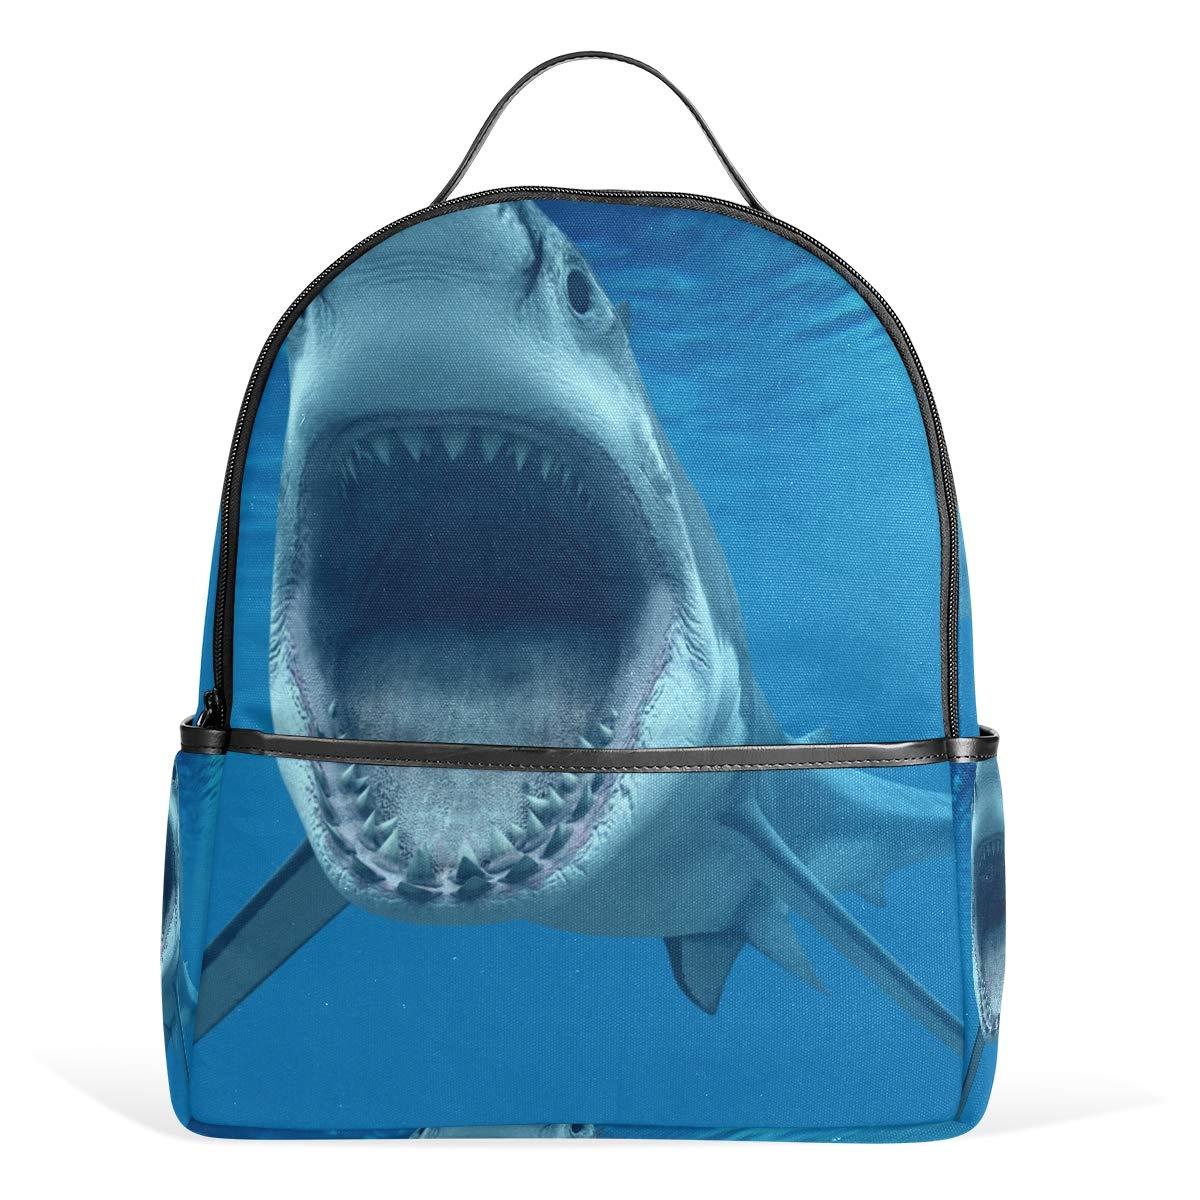 スクールバックパック サメ旅行バッグ ティーンエイジャー用 男の子 女の子用   B07G9D5C4N